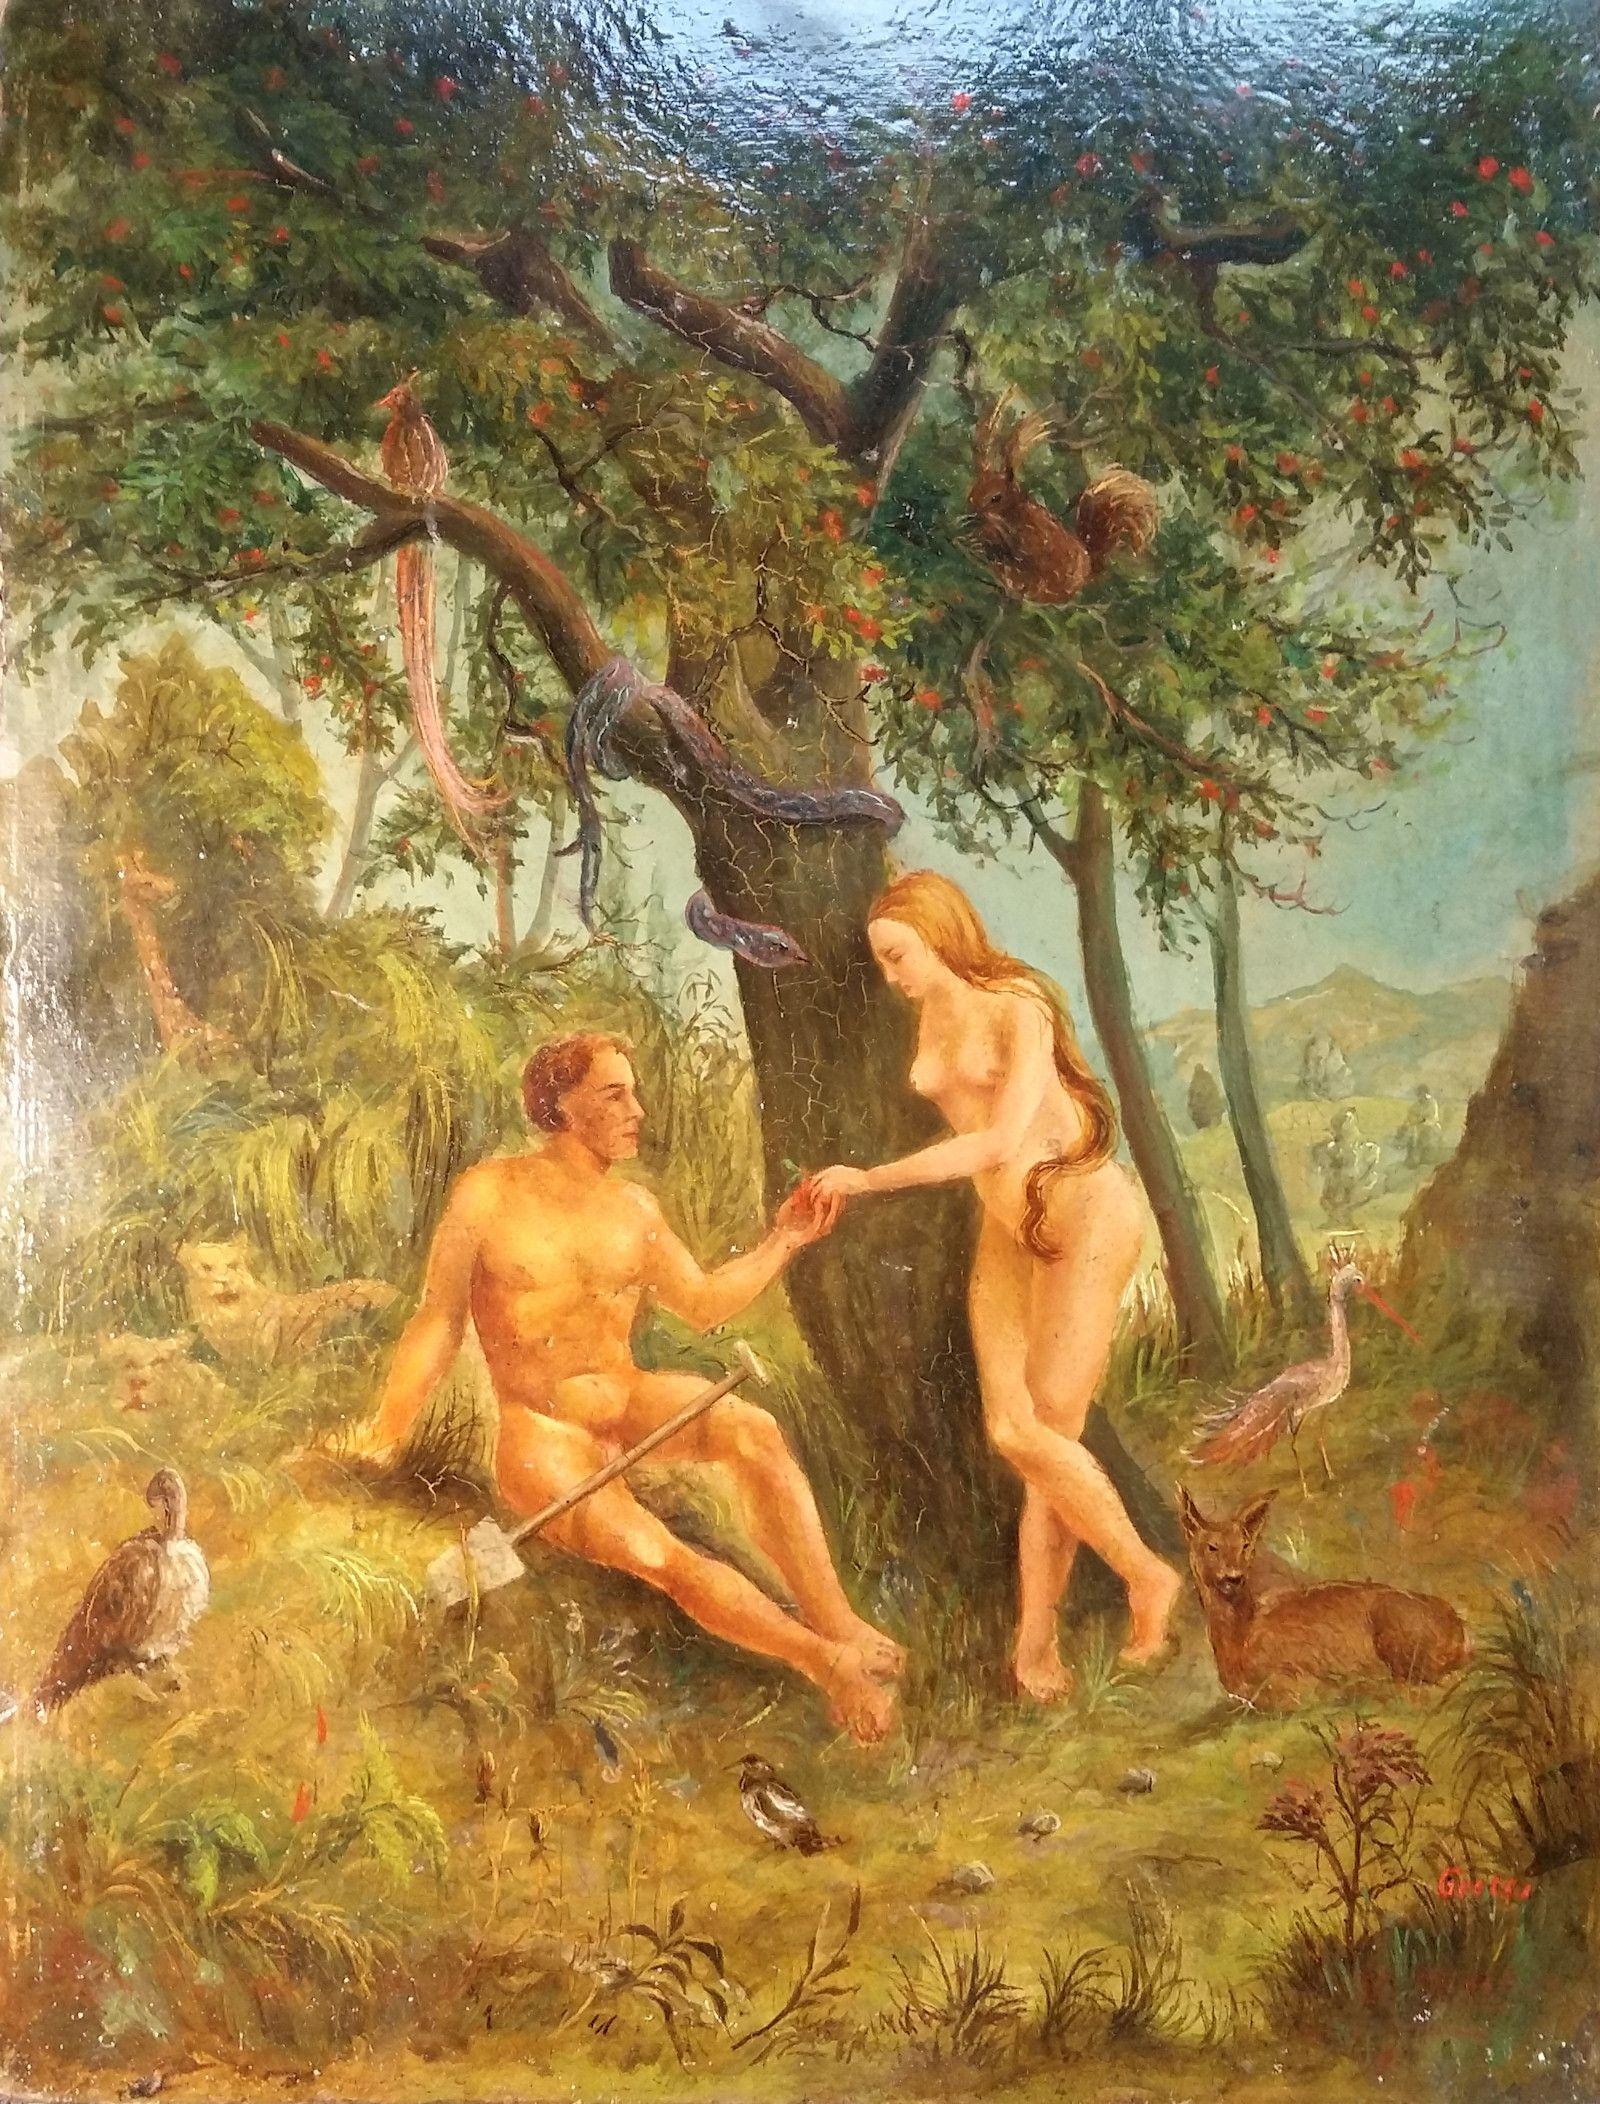 Der Kunst Blog Paradiesisch Adam Und Eva Im Garten Eden Adam Und Eva Garten Eden Garten